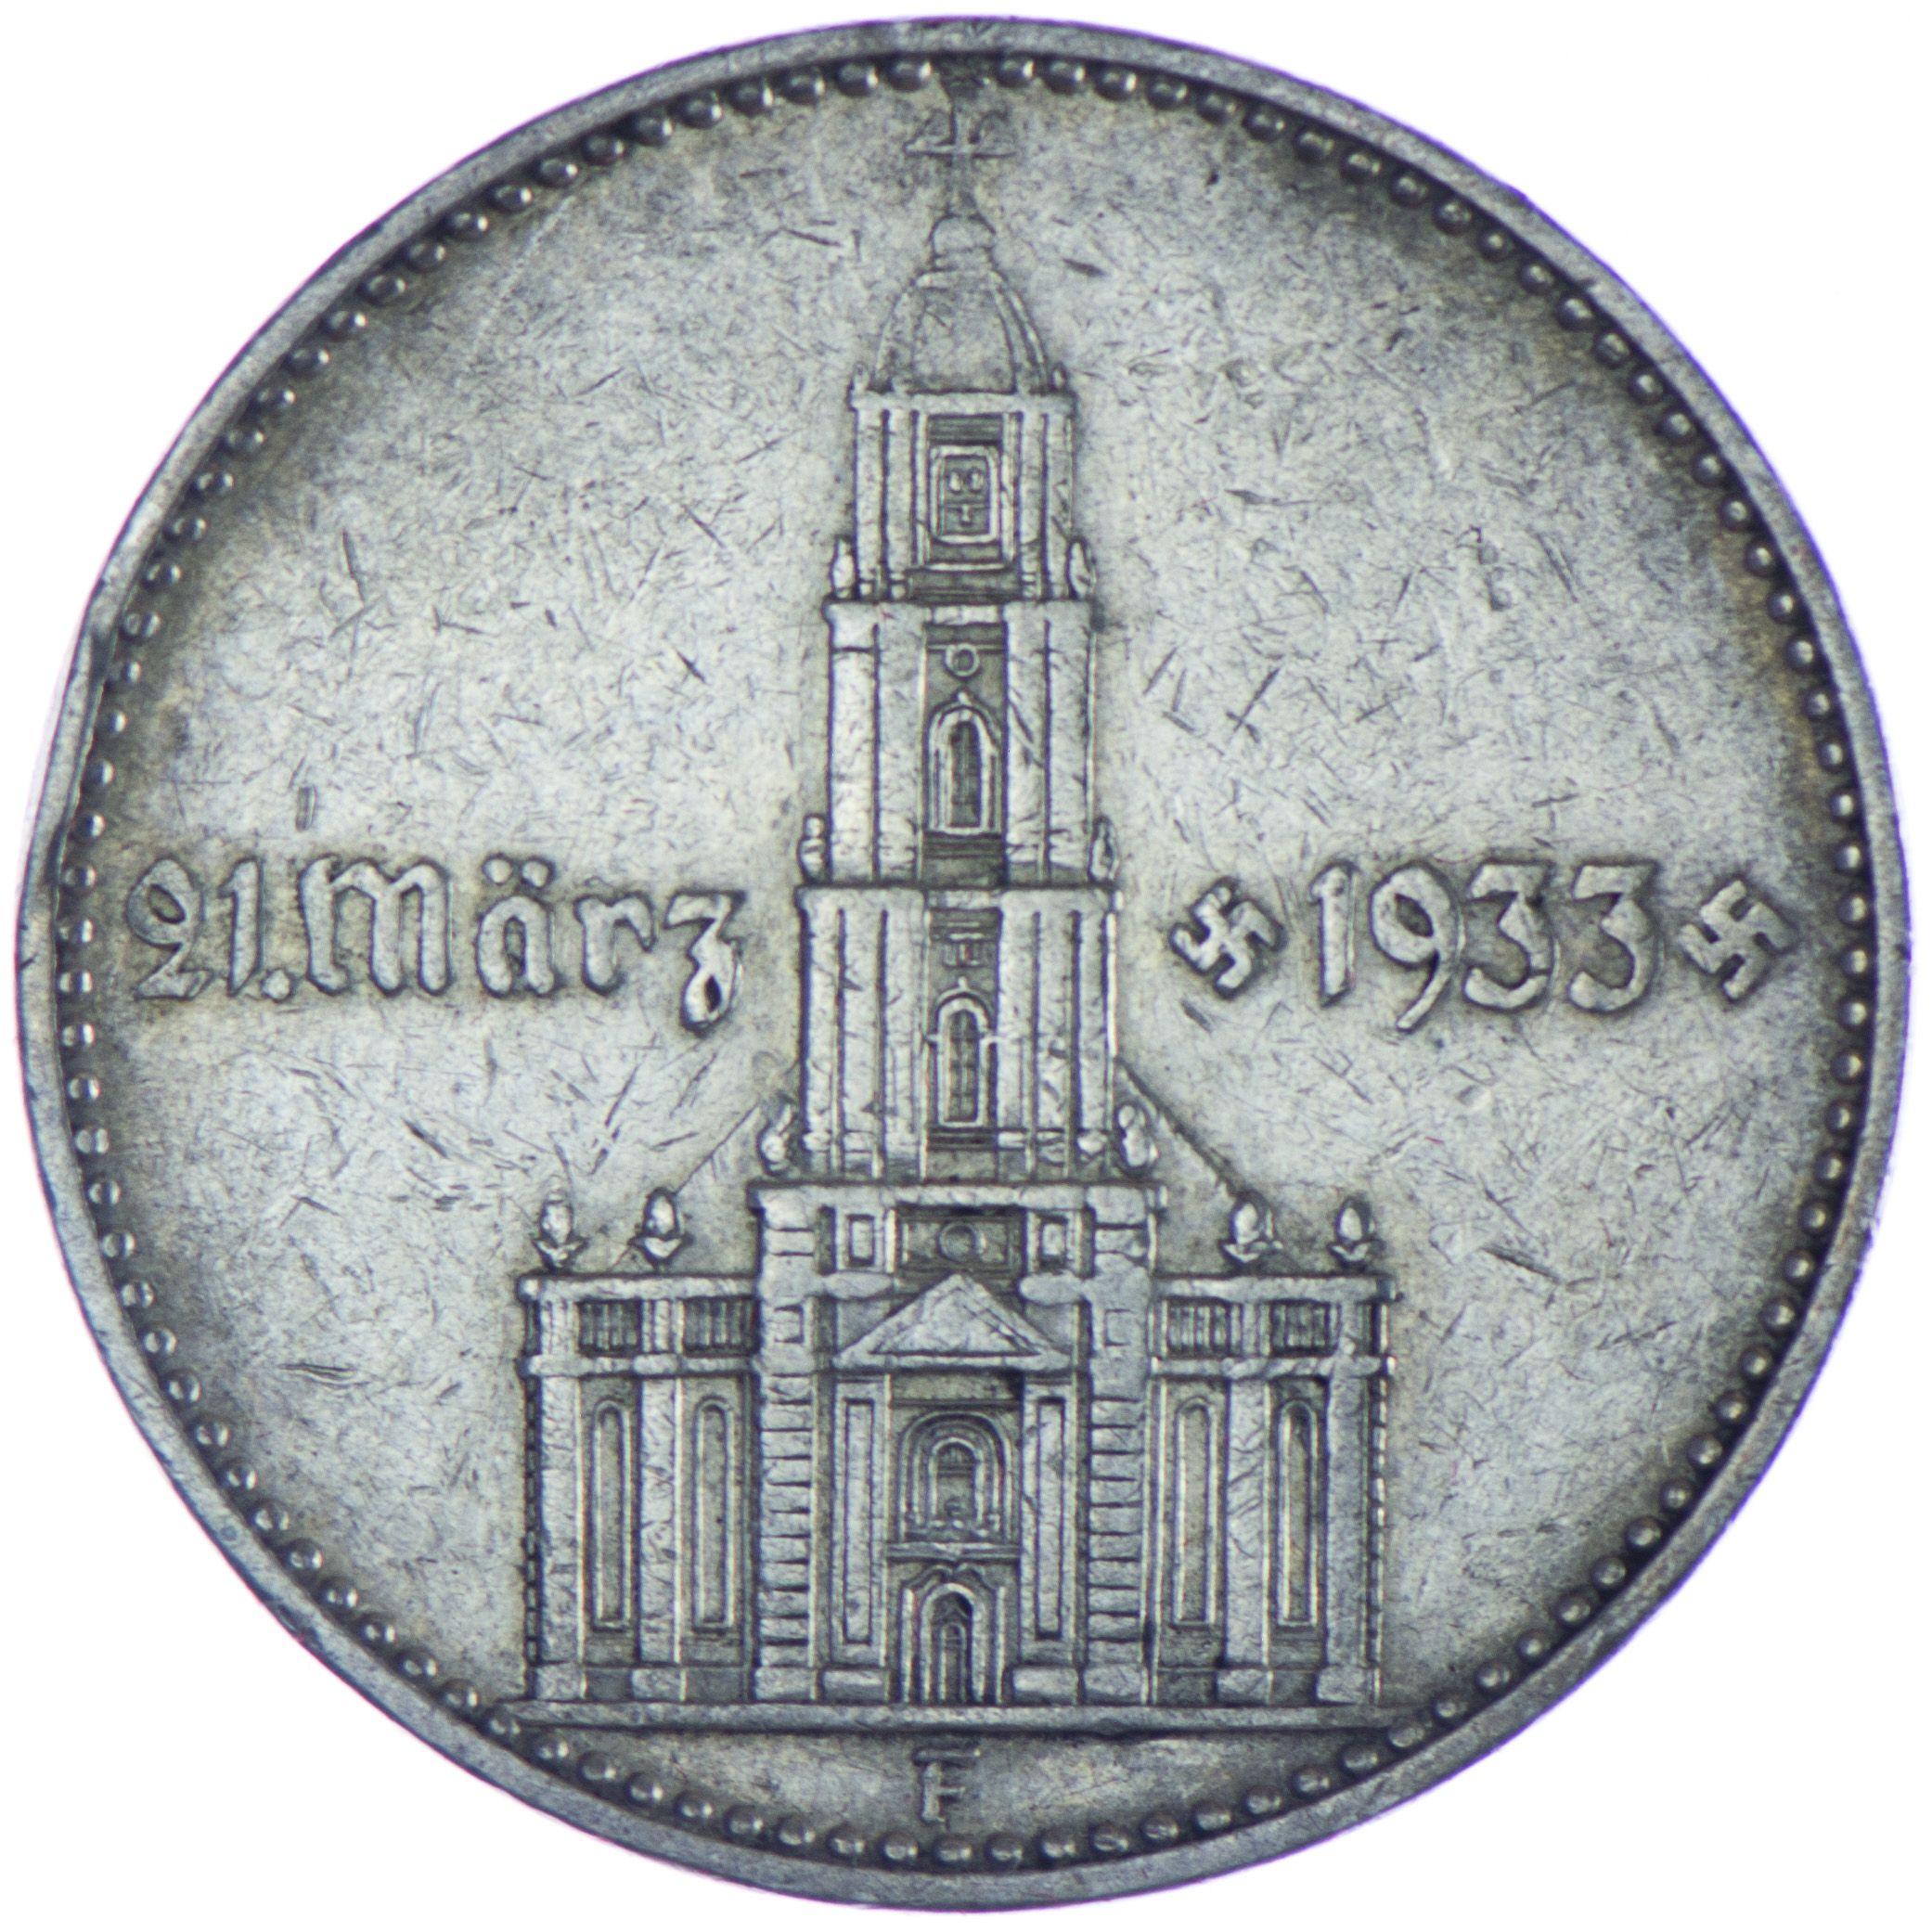 f56b5e853a679d75a483906158a885fc Verwunderlich Reich Werden Mit Silber Dekorationen